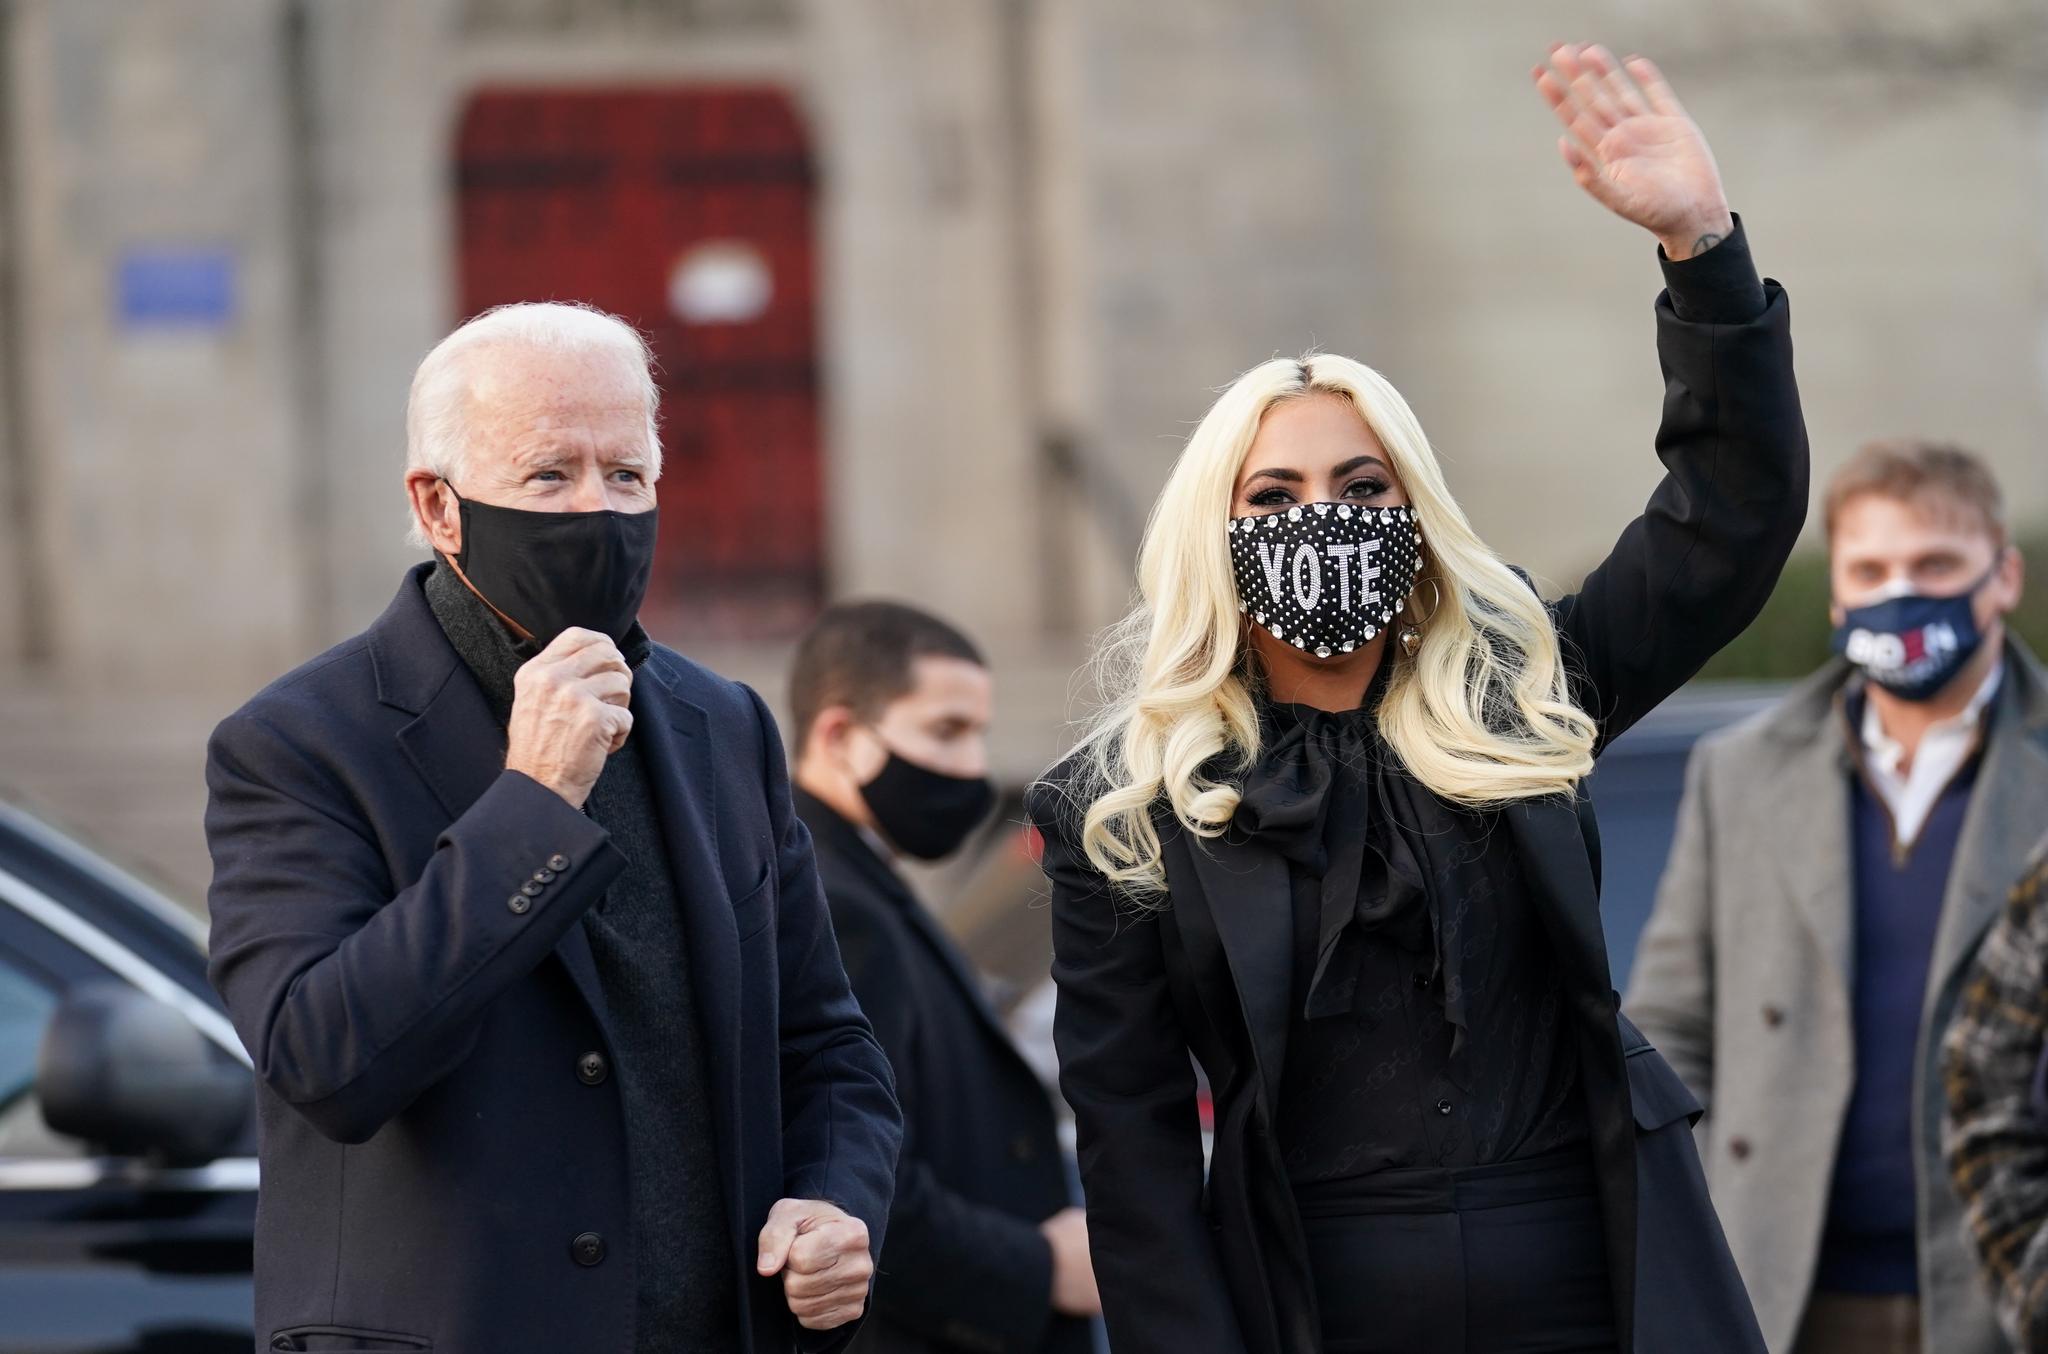 지난 2일 팝 스타 레이디 가가가 조 바이든 후보와 깜짝 만남을 가진 뒤 손을 흔드는 모습. 로이터=연합뉴스